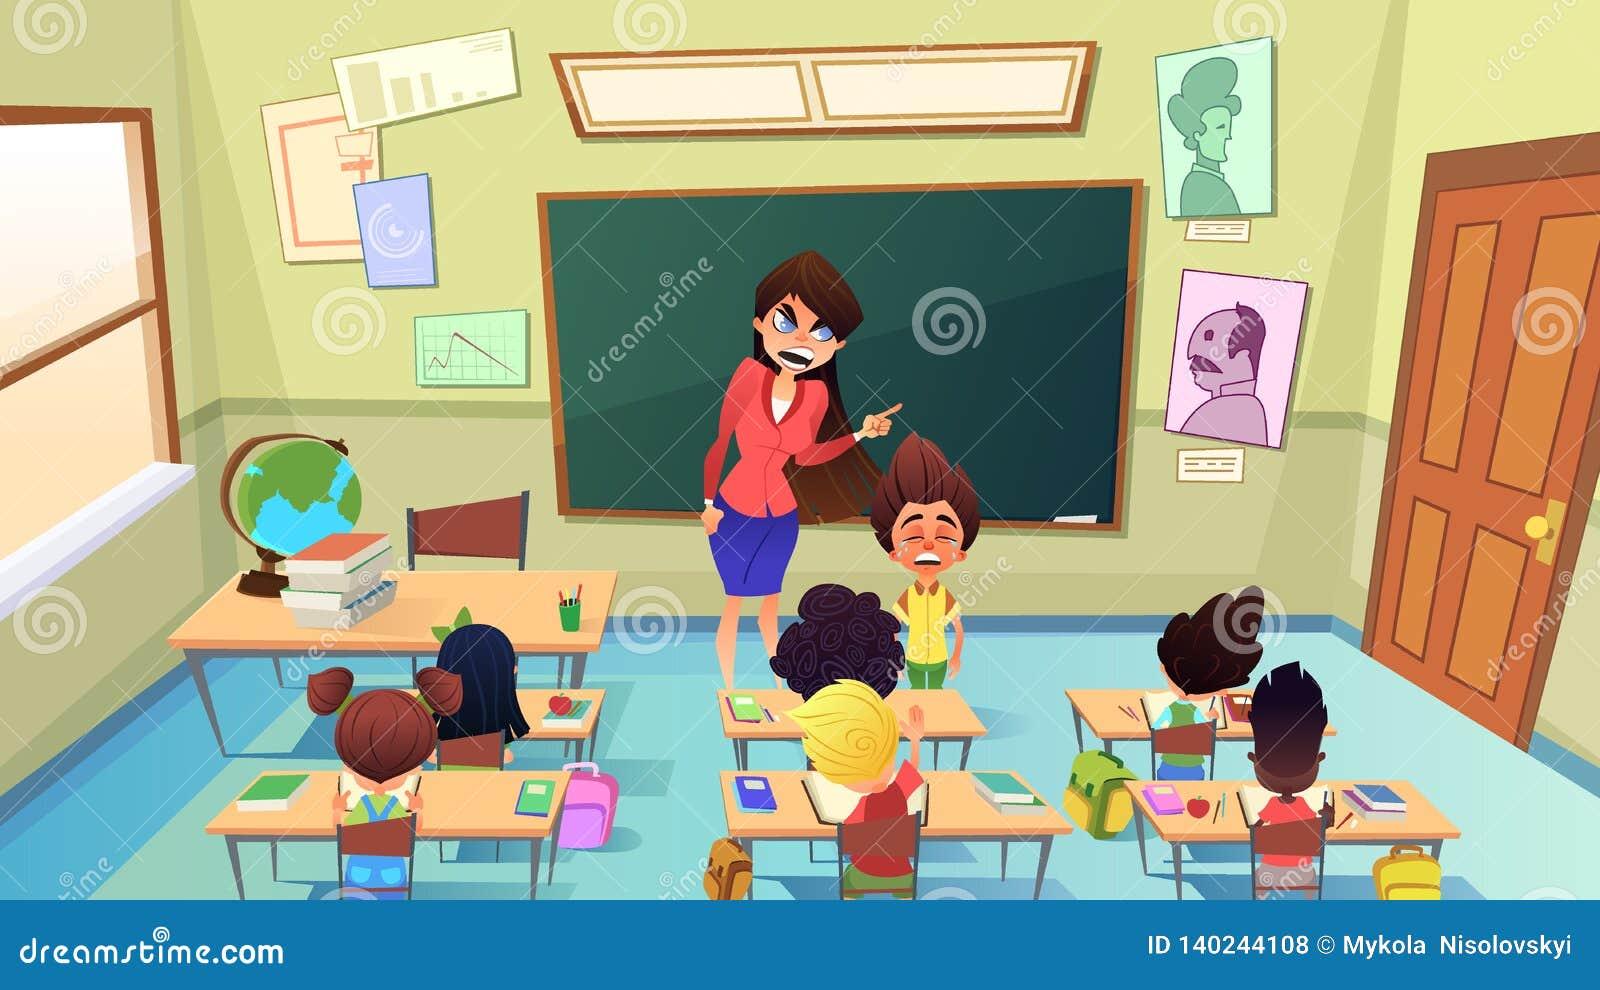 A Naughty Boy Vector Illustration   CartoonDealer.com ...